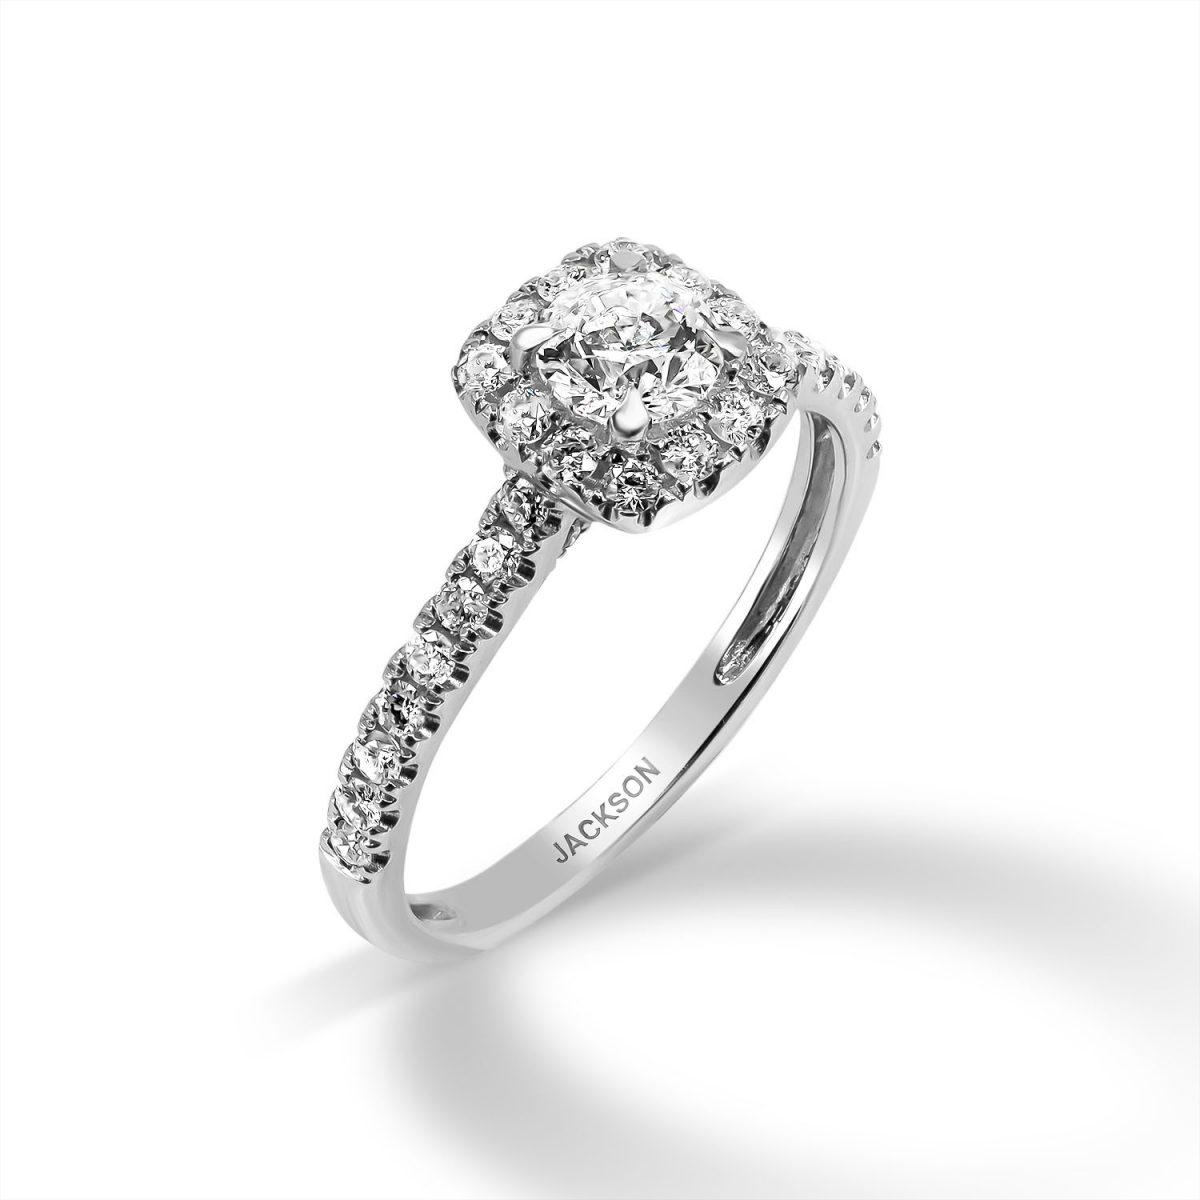 טבעת אירוסין -ג'וליה - זהב לבן